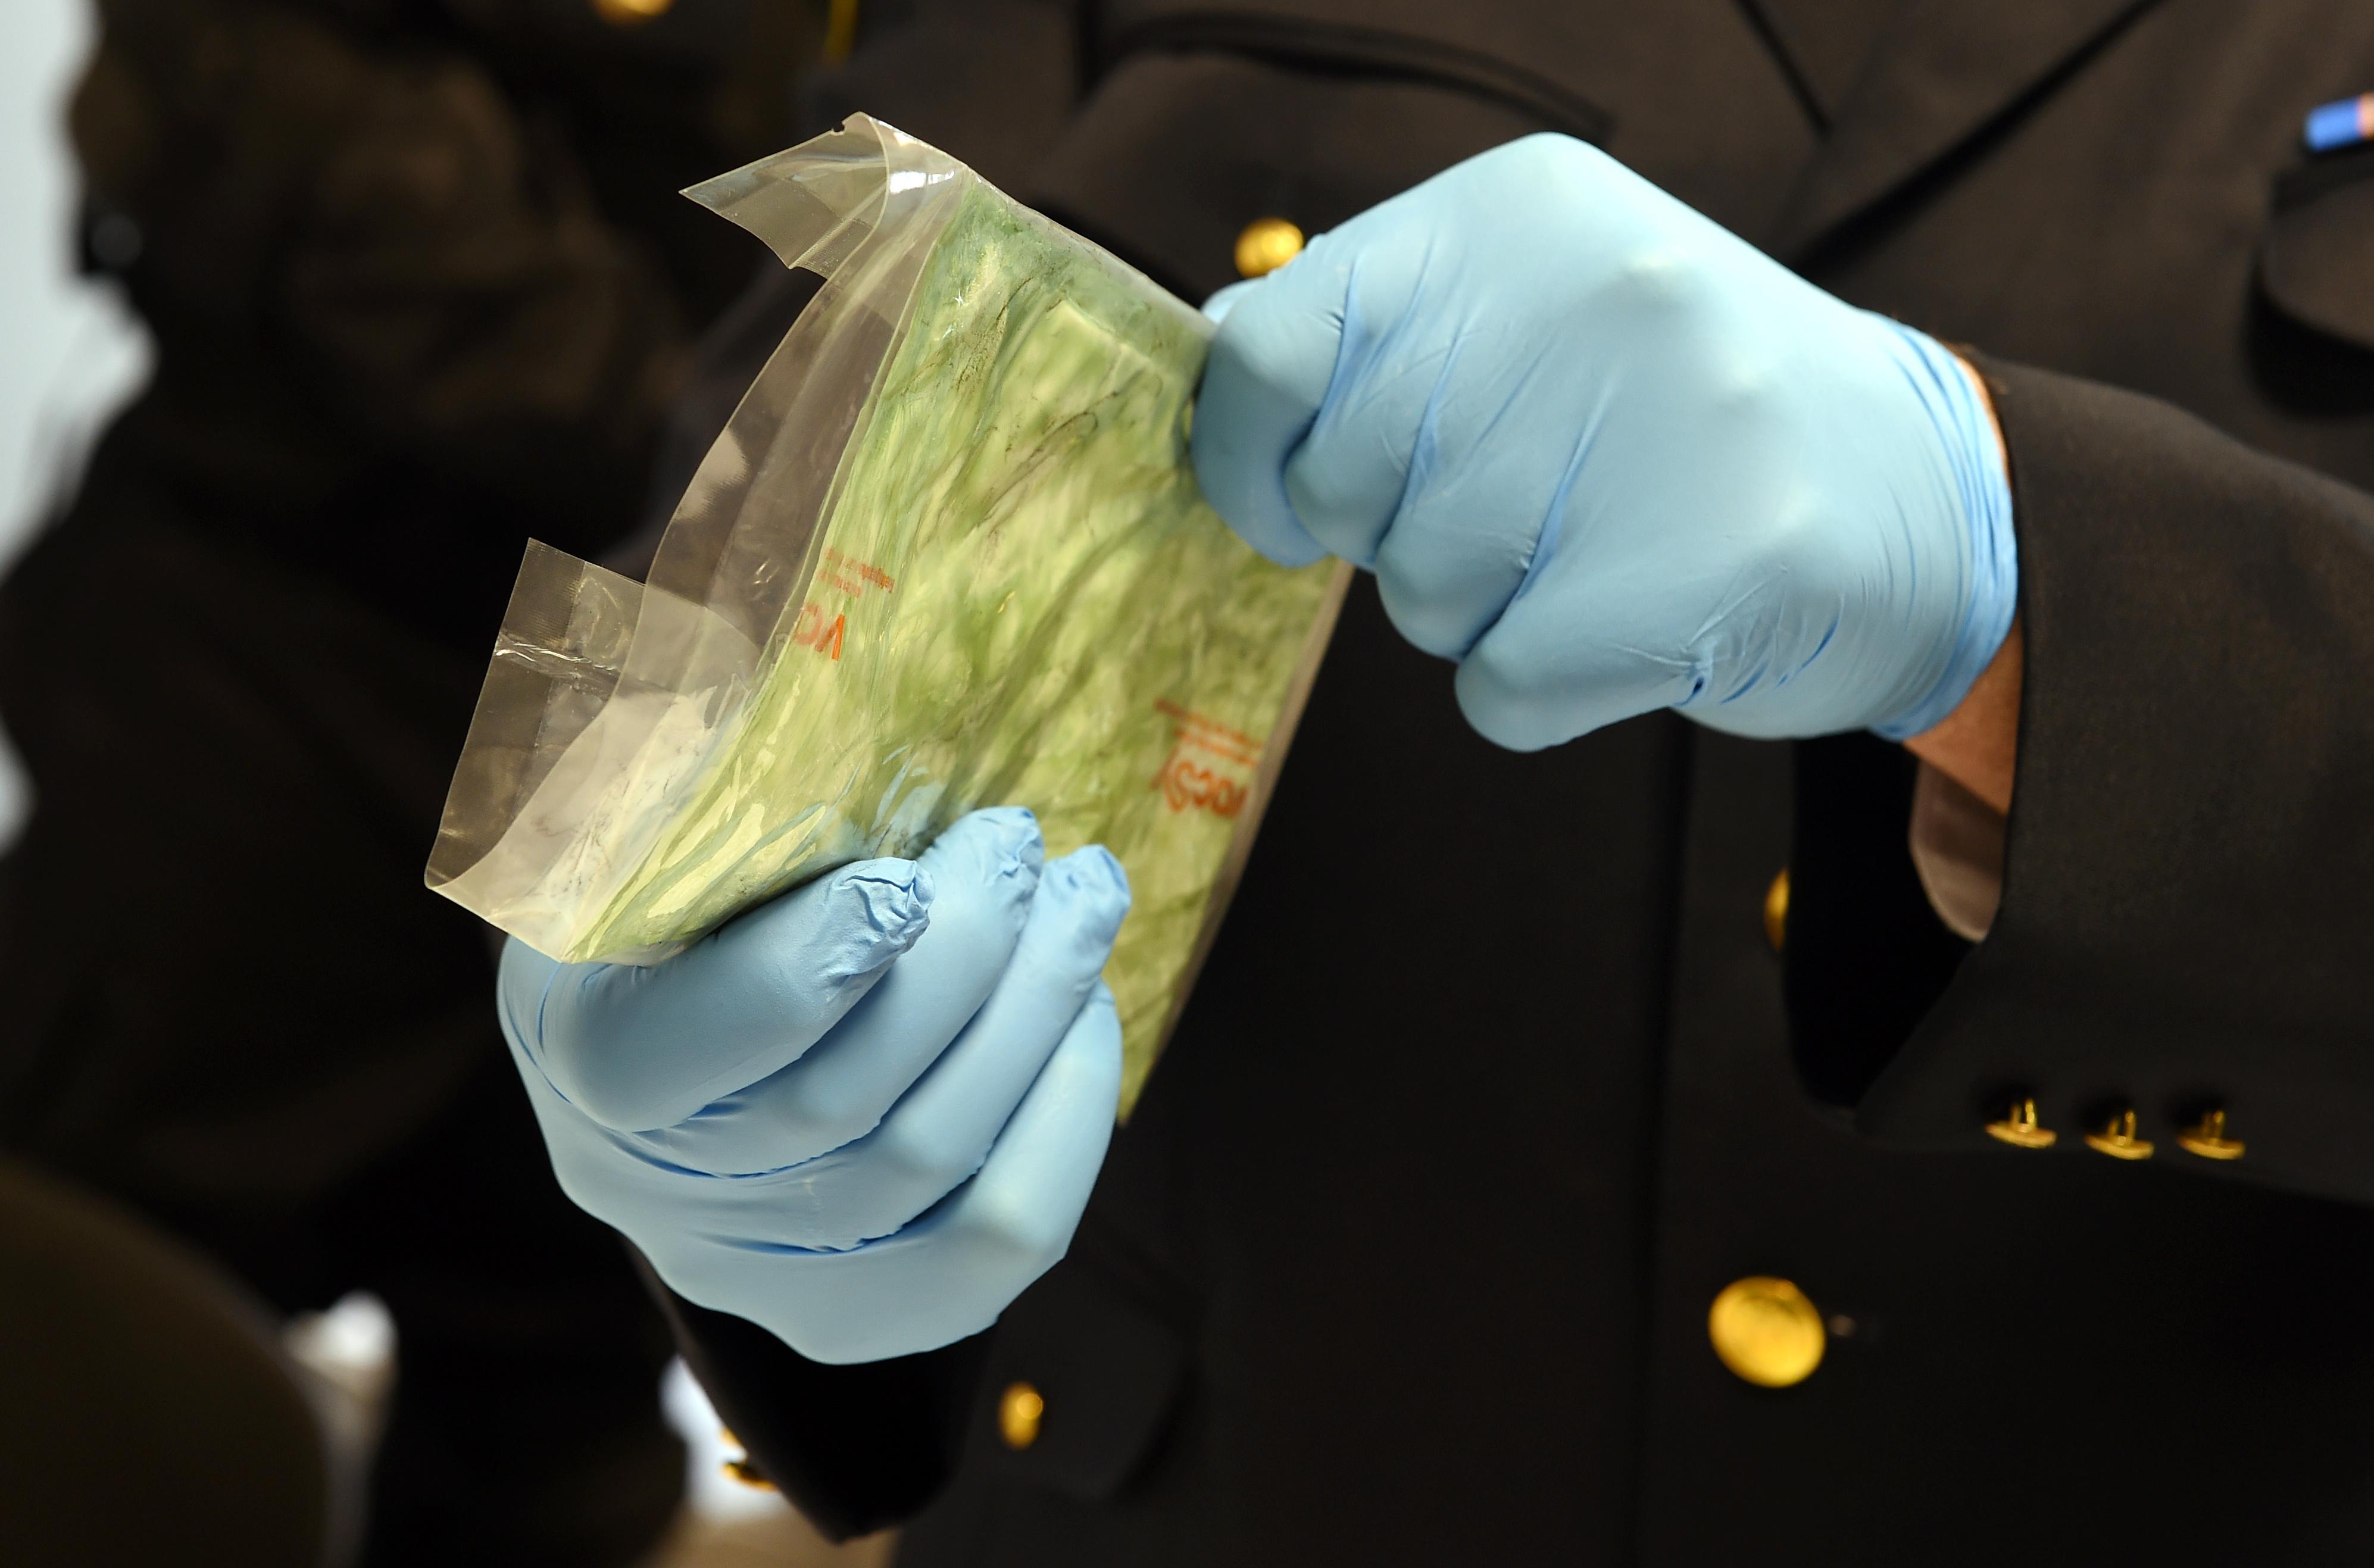 Notiek preses brīfings, kurā informē par vienu no lielākajiem kokaīna kontrabandas aizturēšanas gadījumiem – Juglas ezera krastā kokogļu kravā atrastiem 60 kilogramiem kokaīna aptuveni sešu miljonu eiro vērtībā.